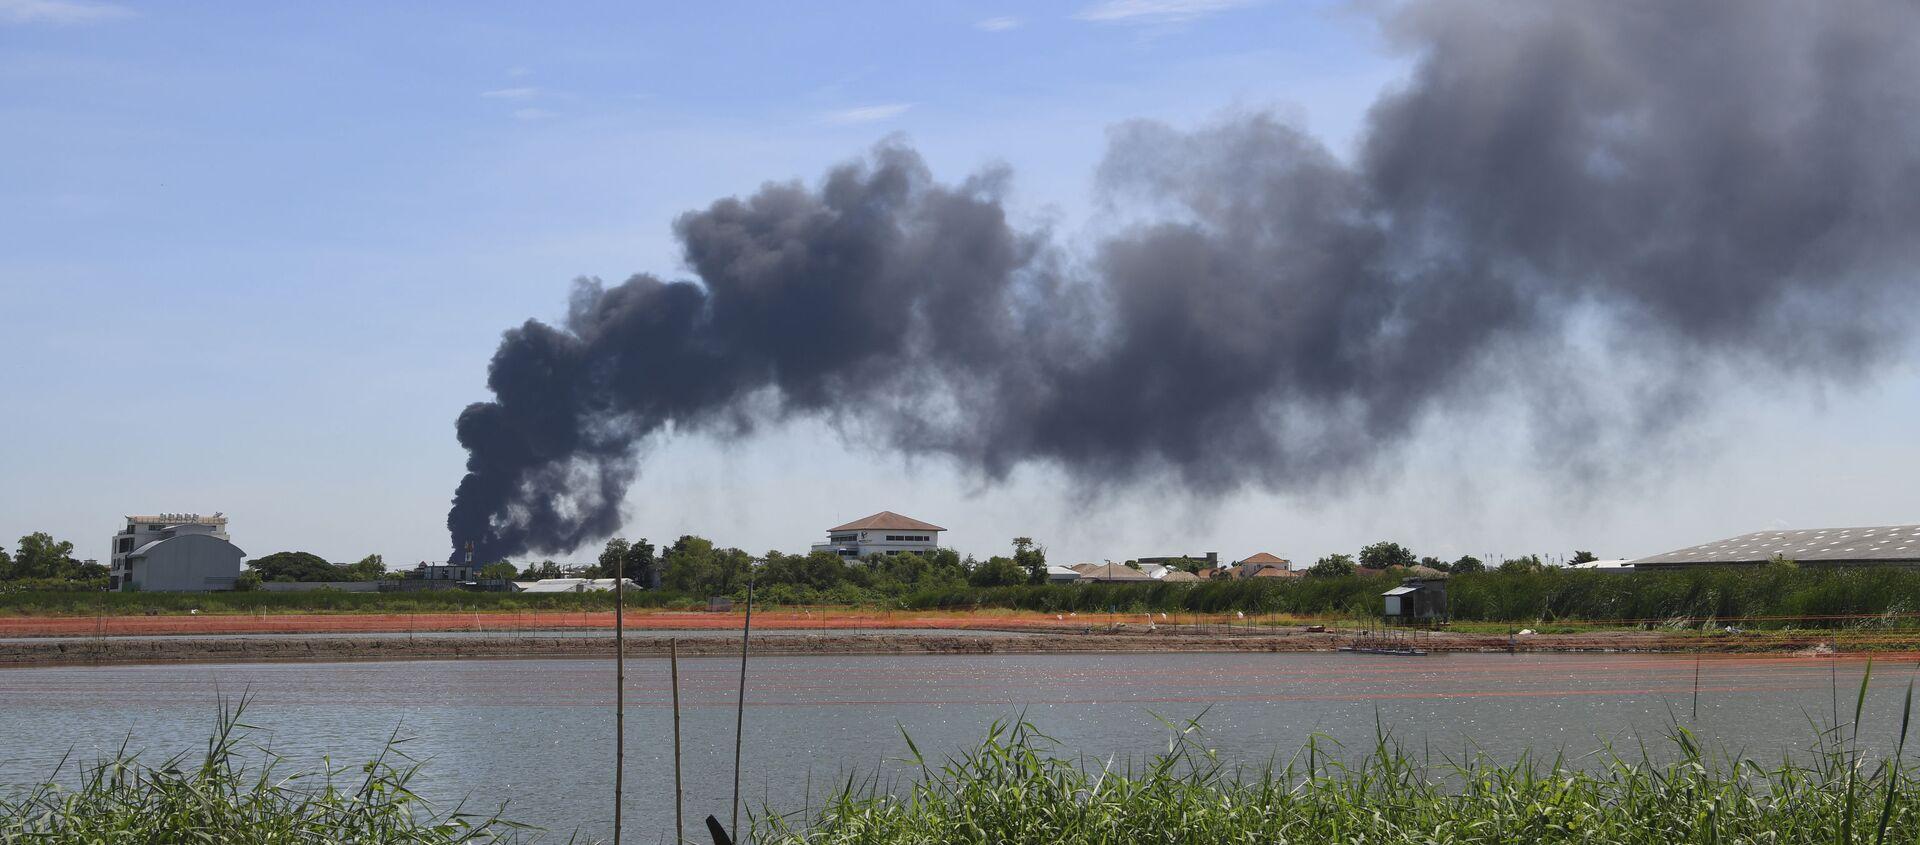 タイ バンコク郊外で化学工場が爆発 - Sputnik 日本, 1920, 05.07.2021